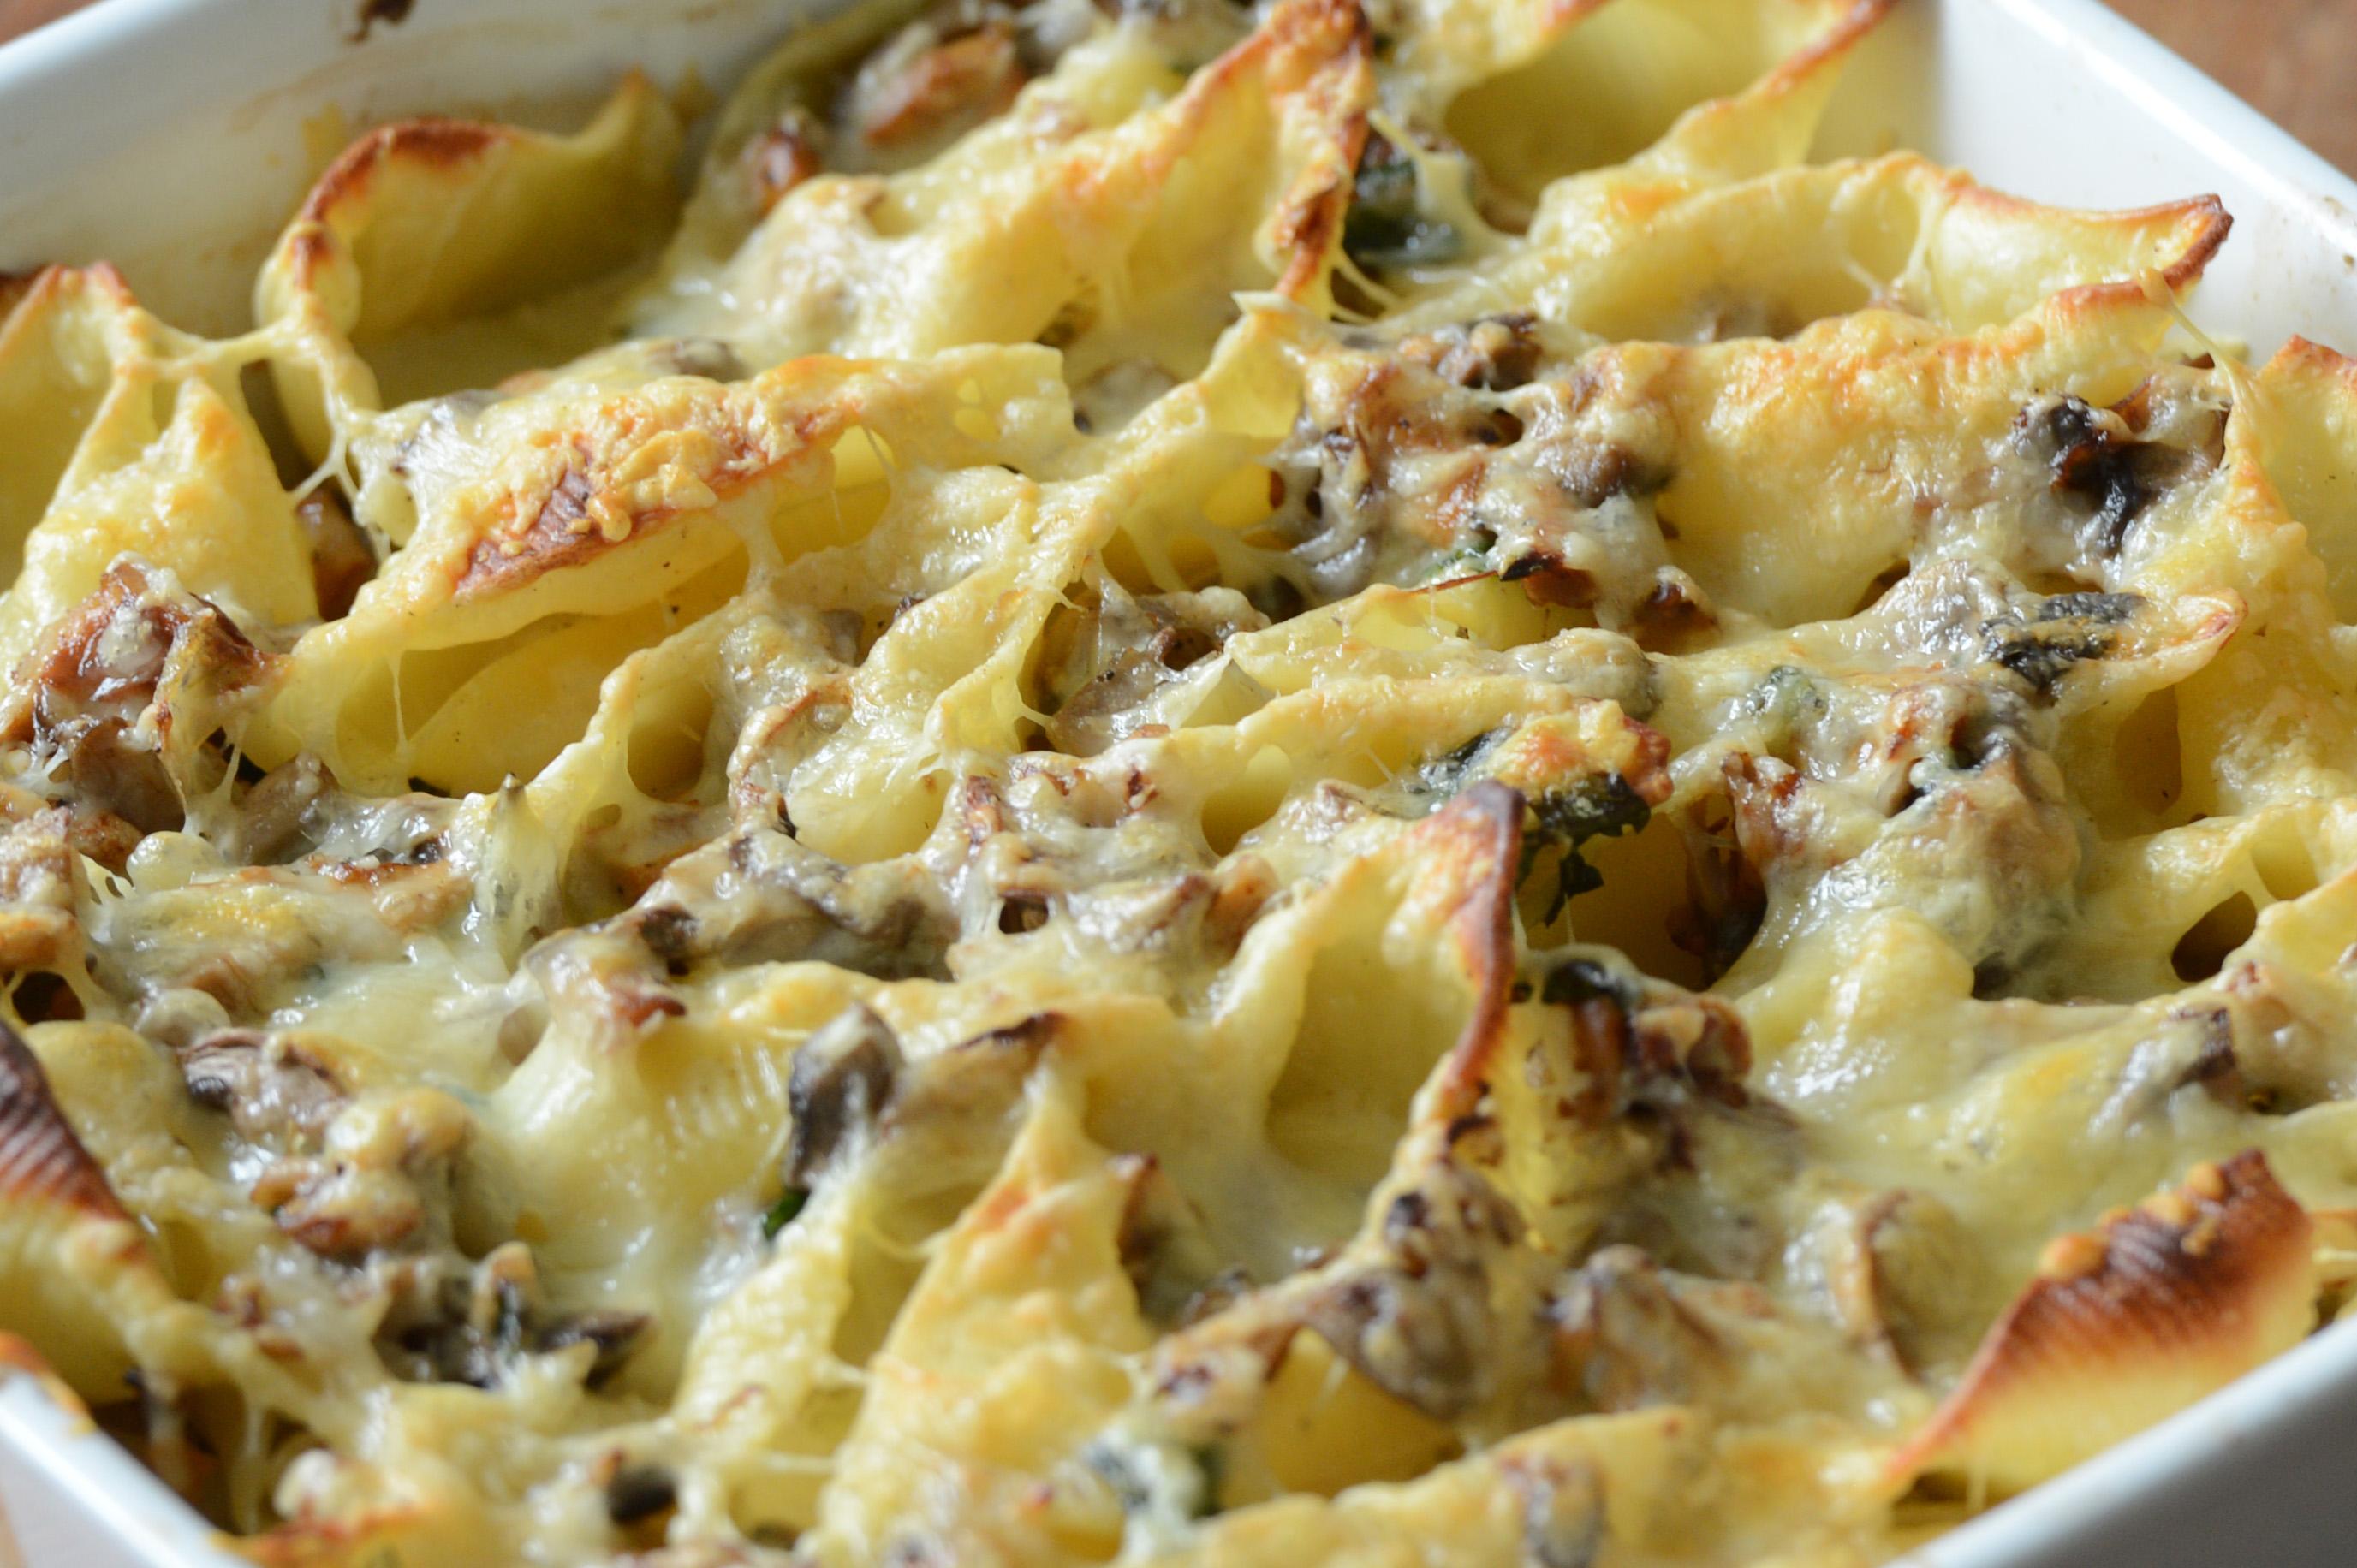 Conchiglionis aux champignons des bois cookerei by salom - Cuisiner champignons de paris frais a la poele ...